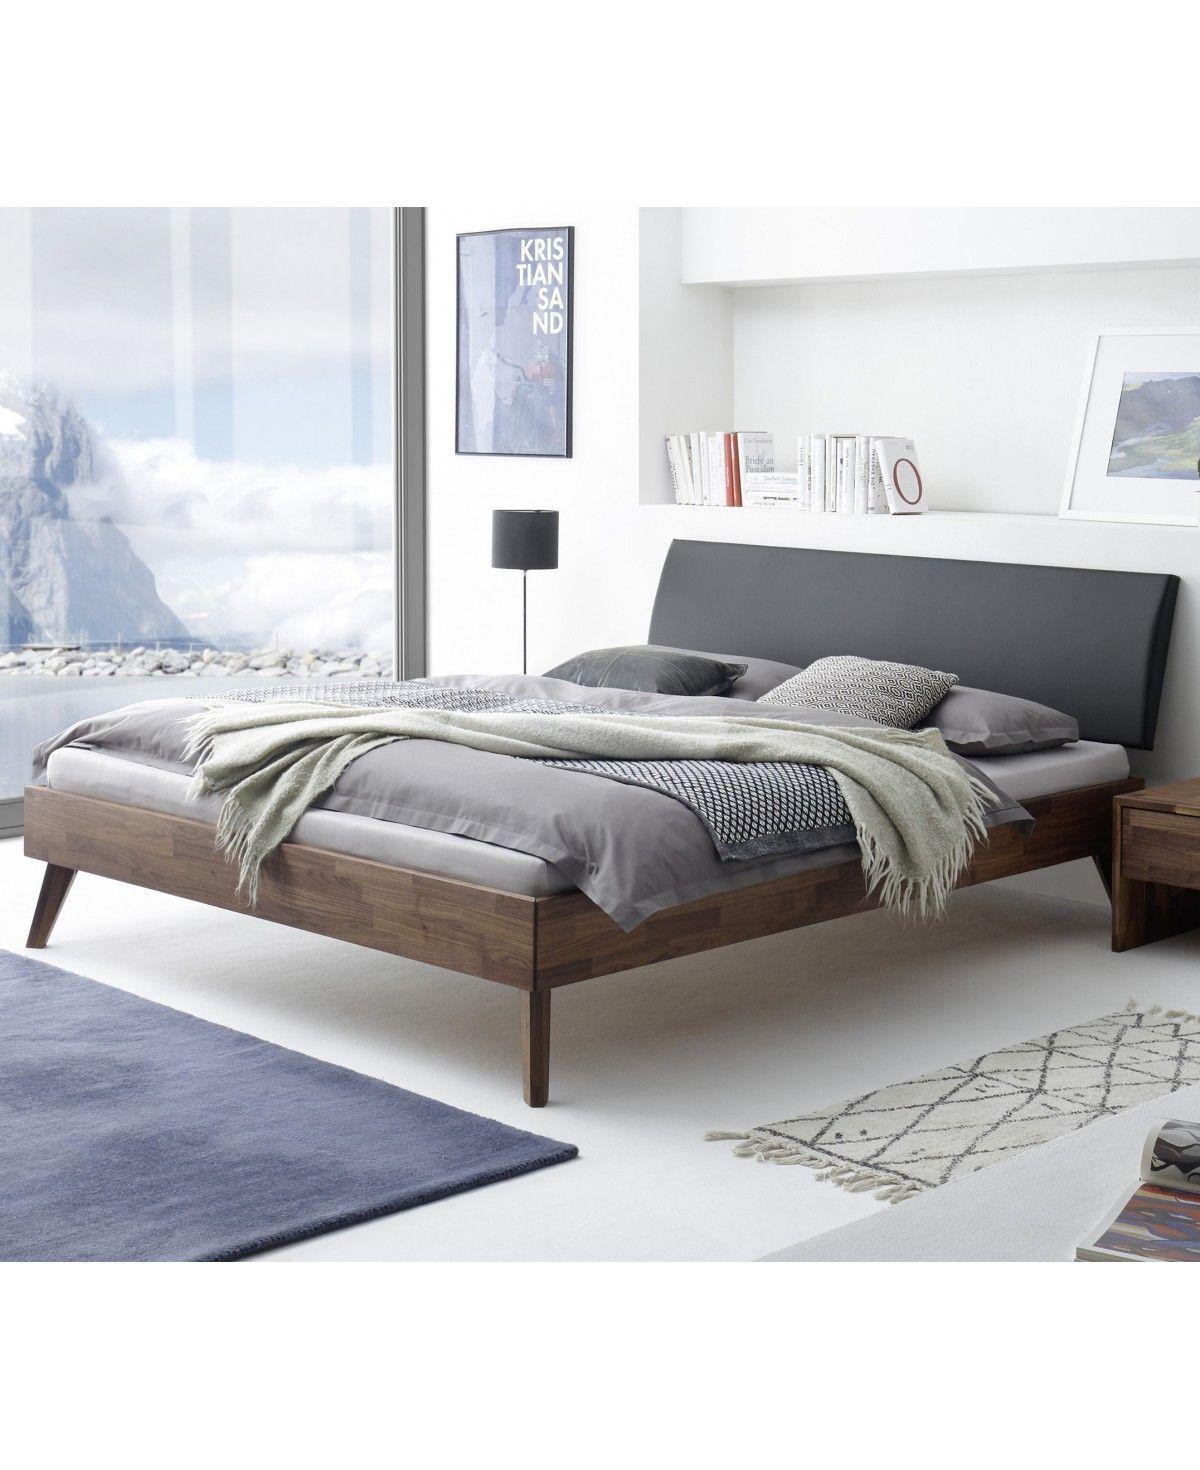 HASENA Fine Line Bett Caprile Nussbaum Kopfteil Lecco schwarz 140x200